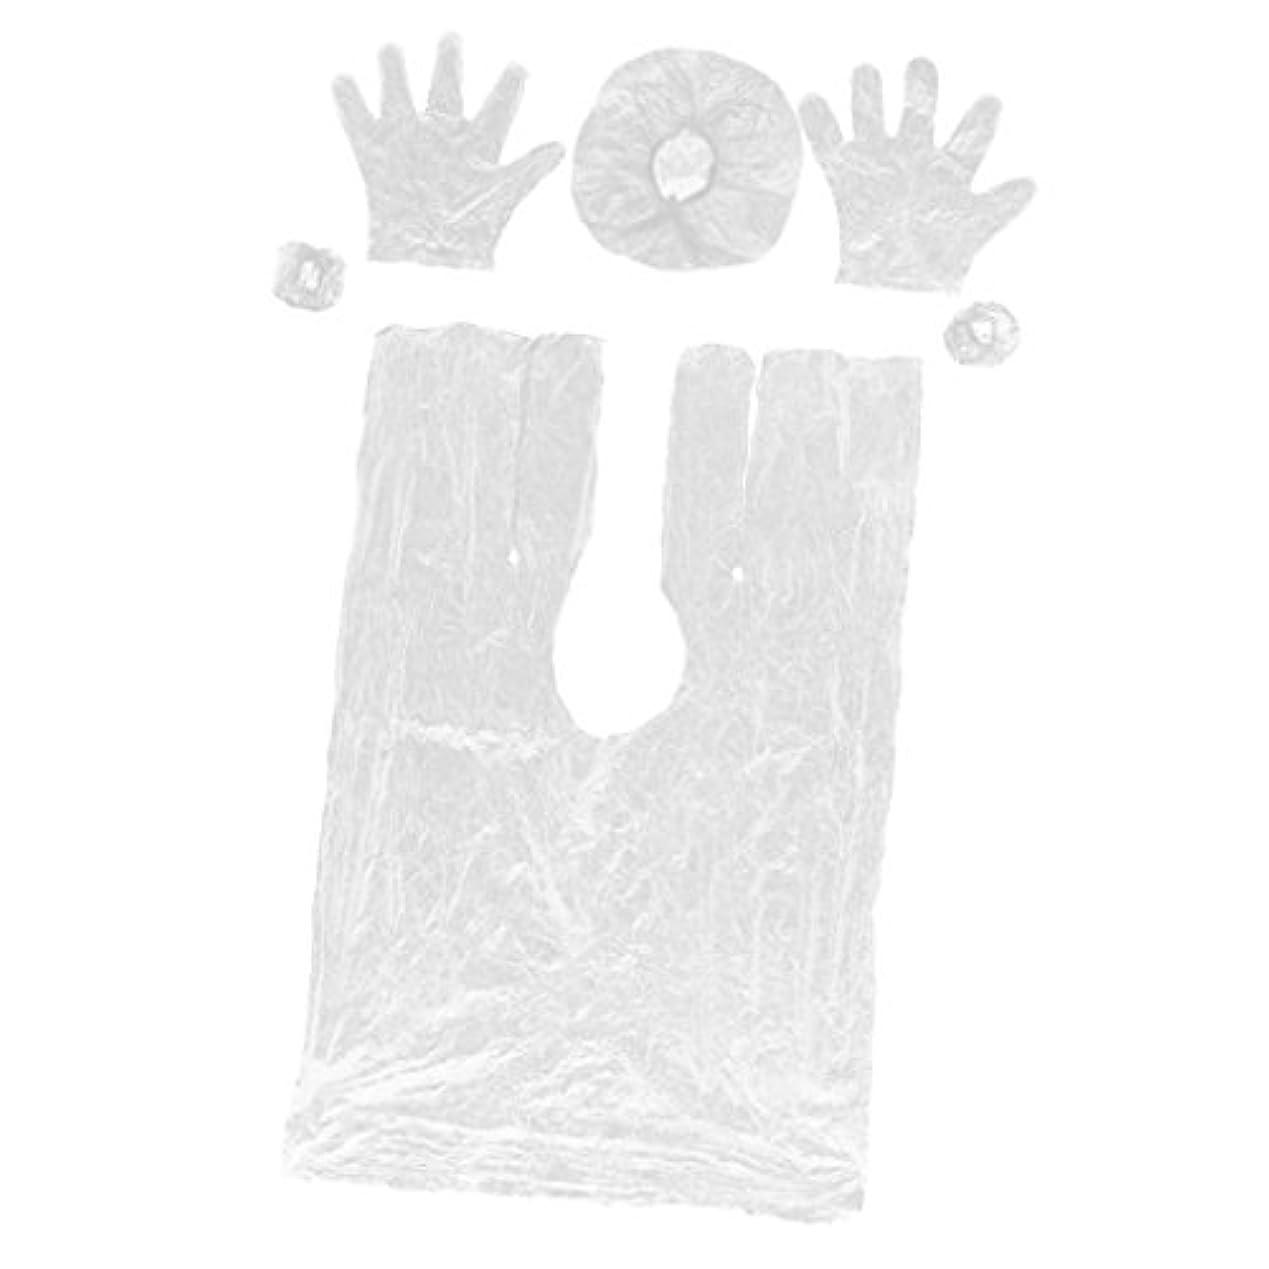 怪物致命的な手錠Toygogo ツール弾性キャップ、理髪ガウンケープショール、手袋、イヤーキャップイヤーマフセットを使用した使い捨てスパヘアサロンカラー染料キットの着色